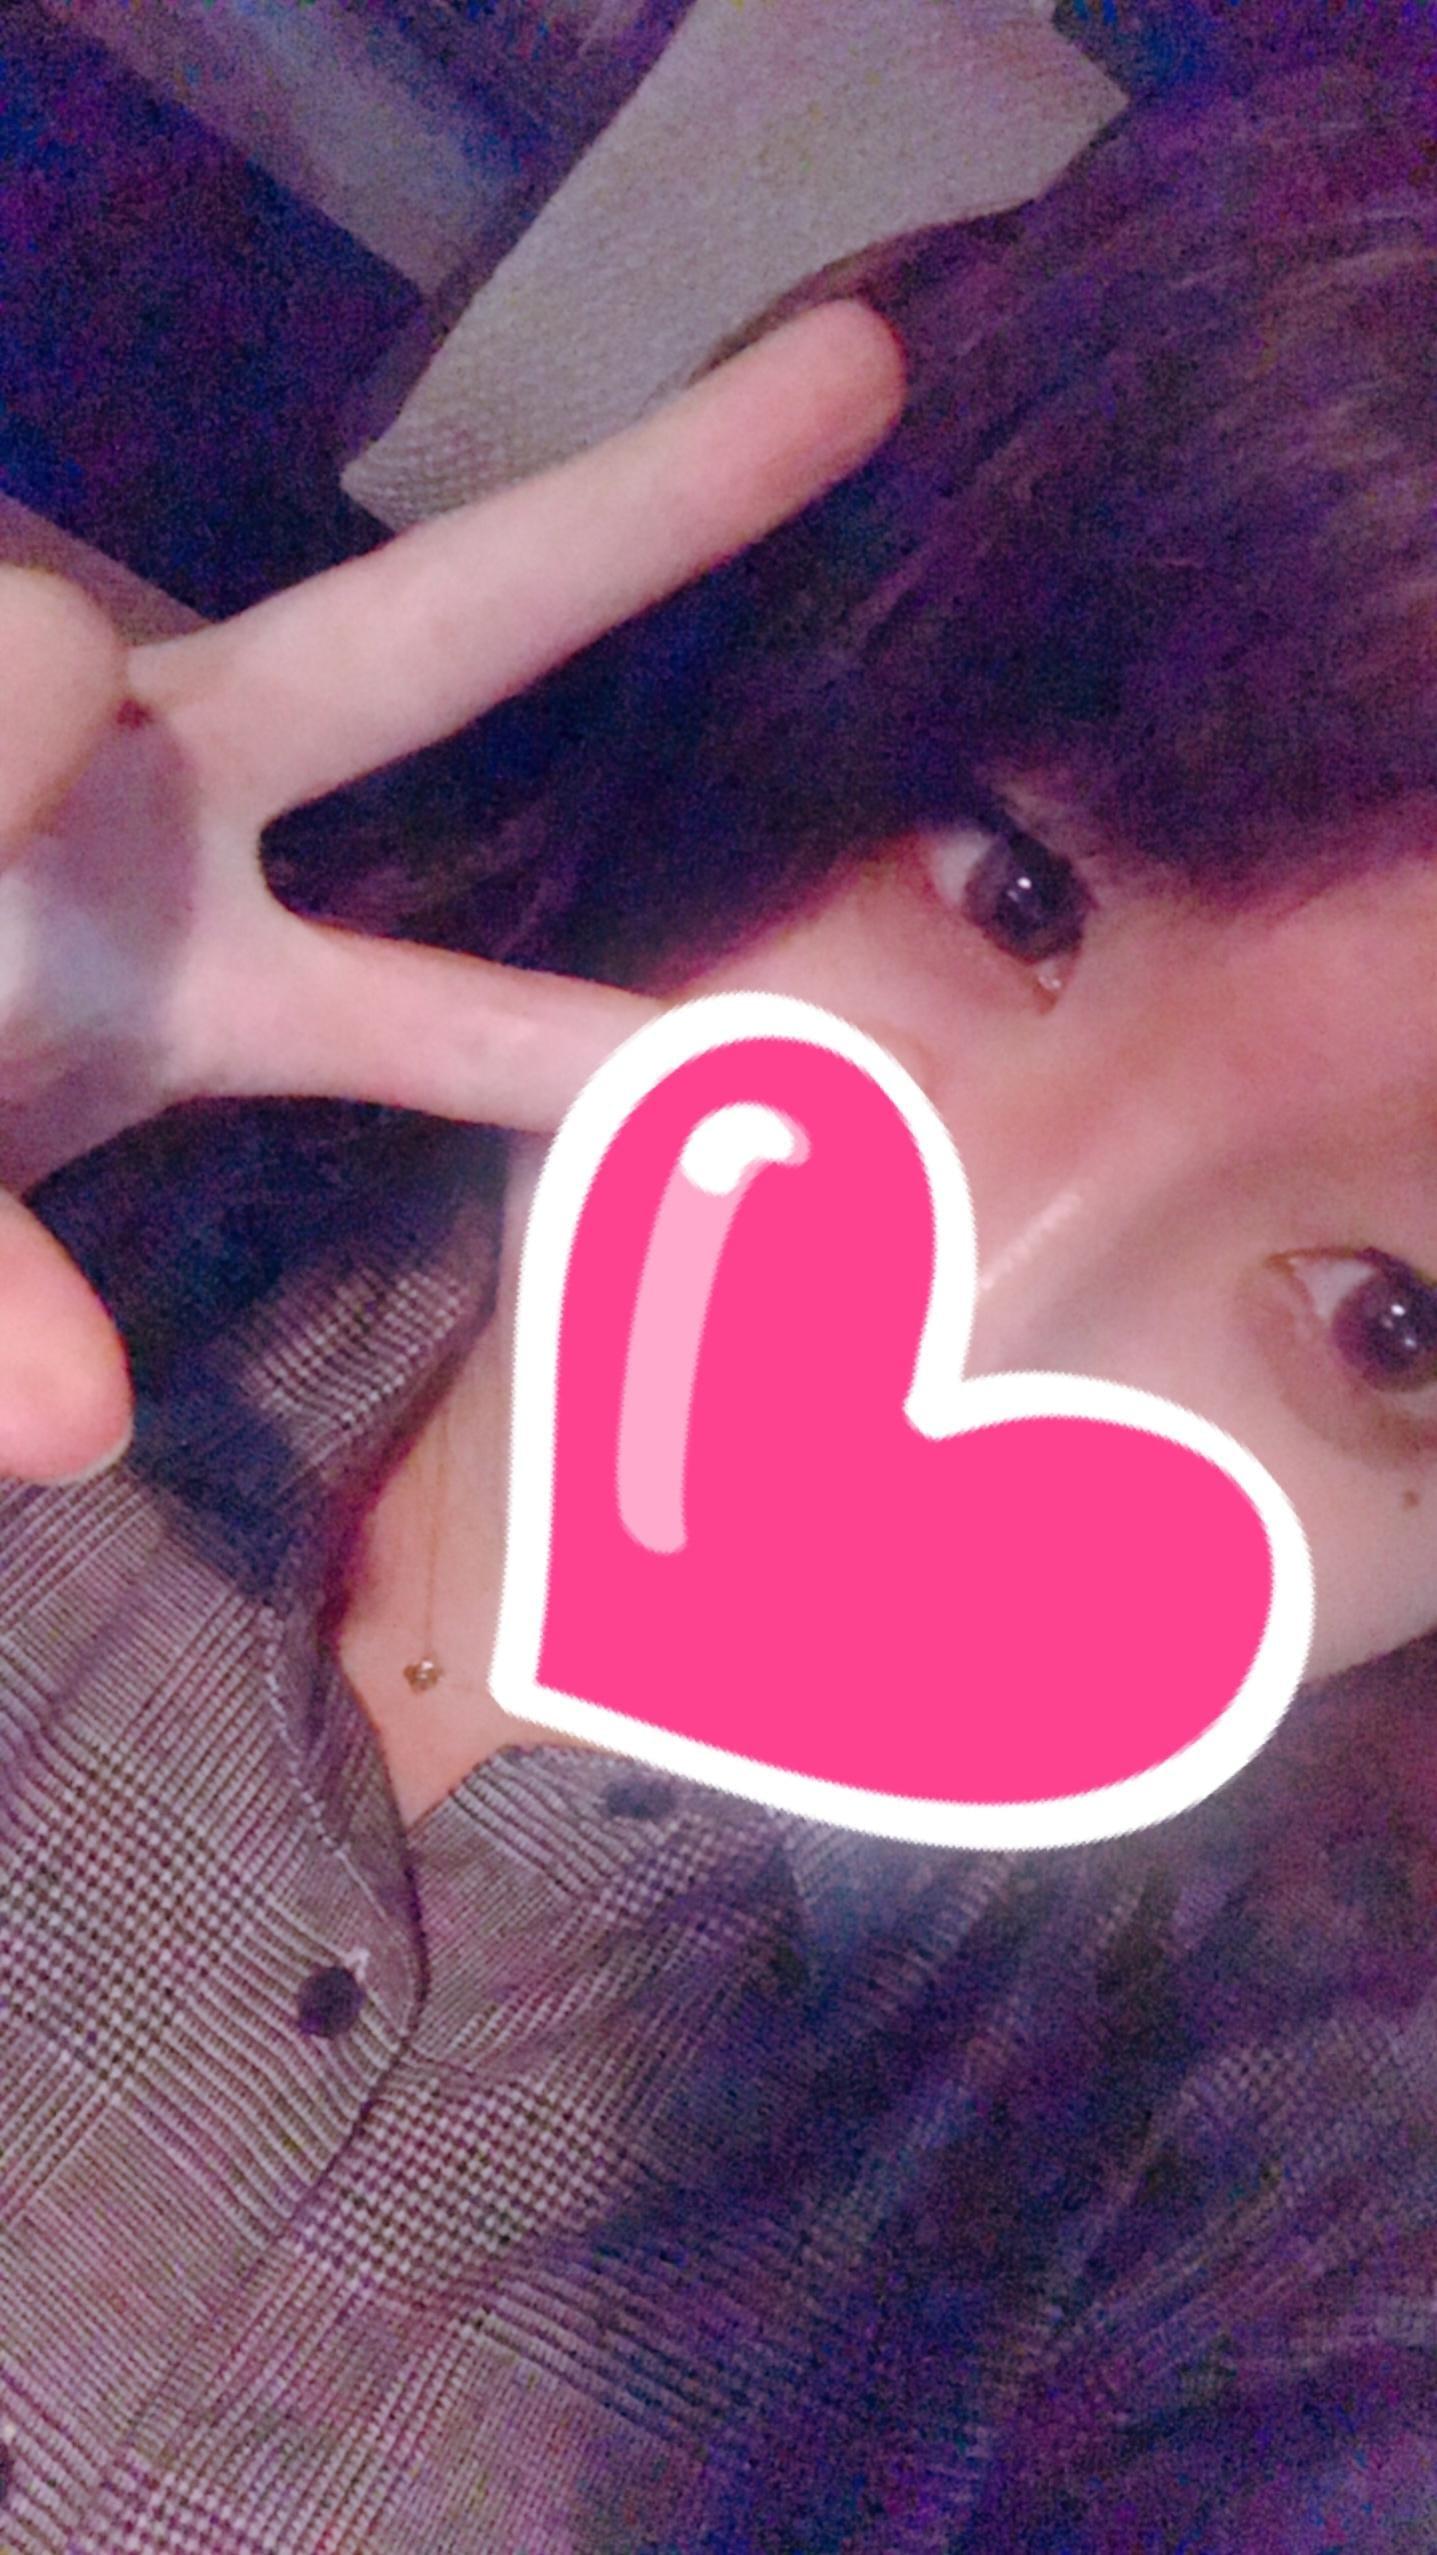 「こんばんは〜」11/15(木) 22:53 | モモカの写メ・風俗動画